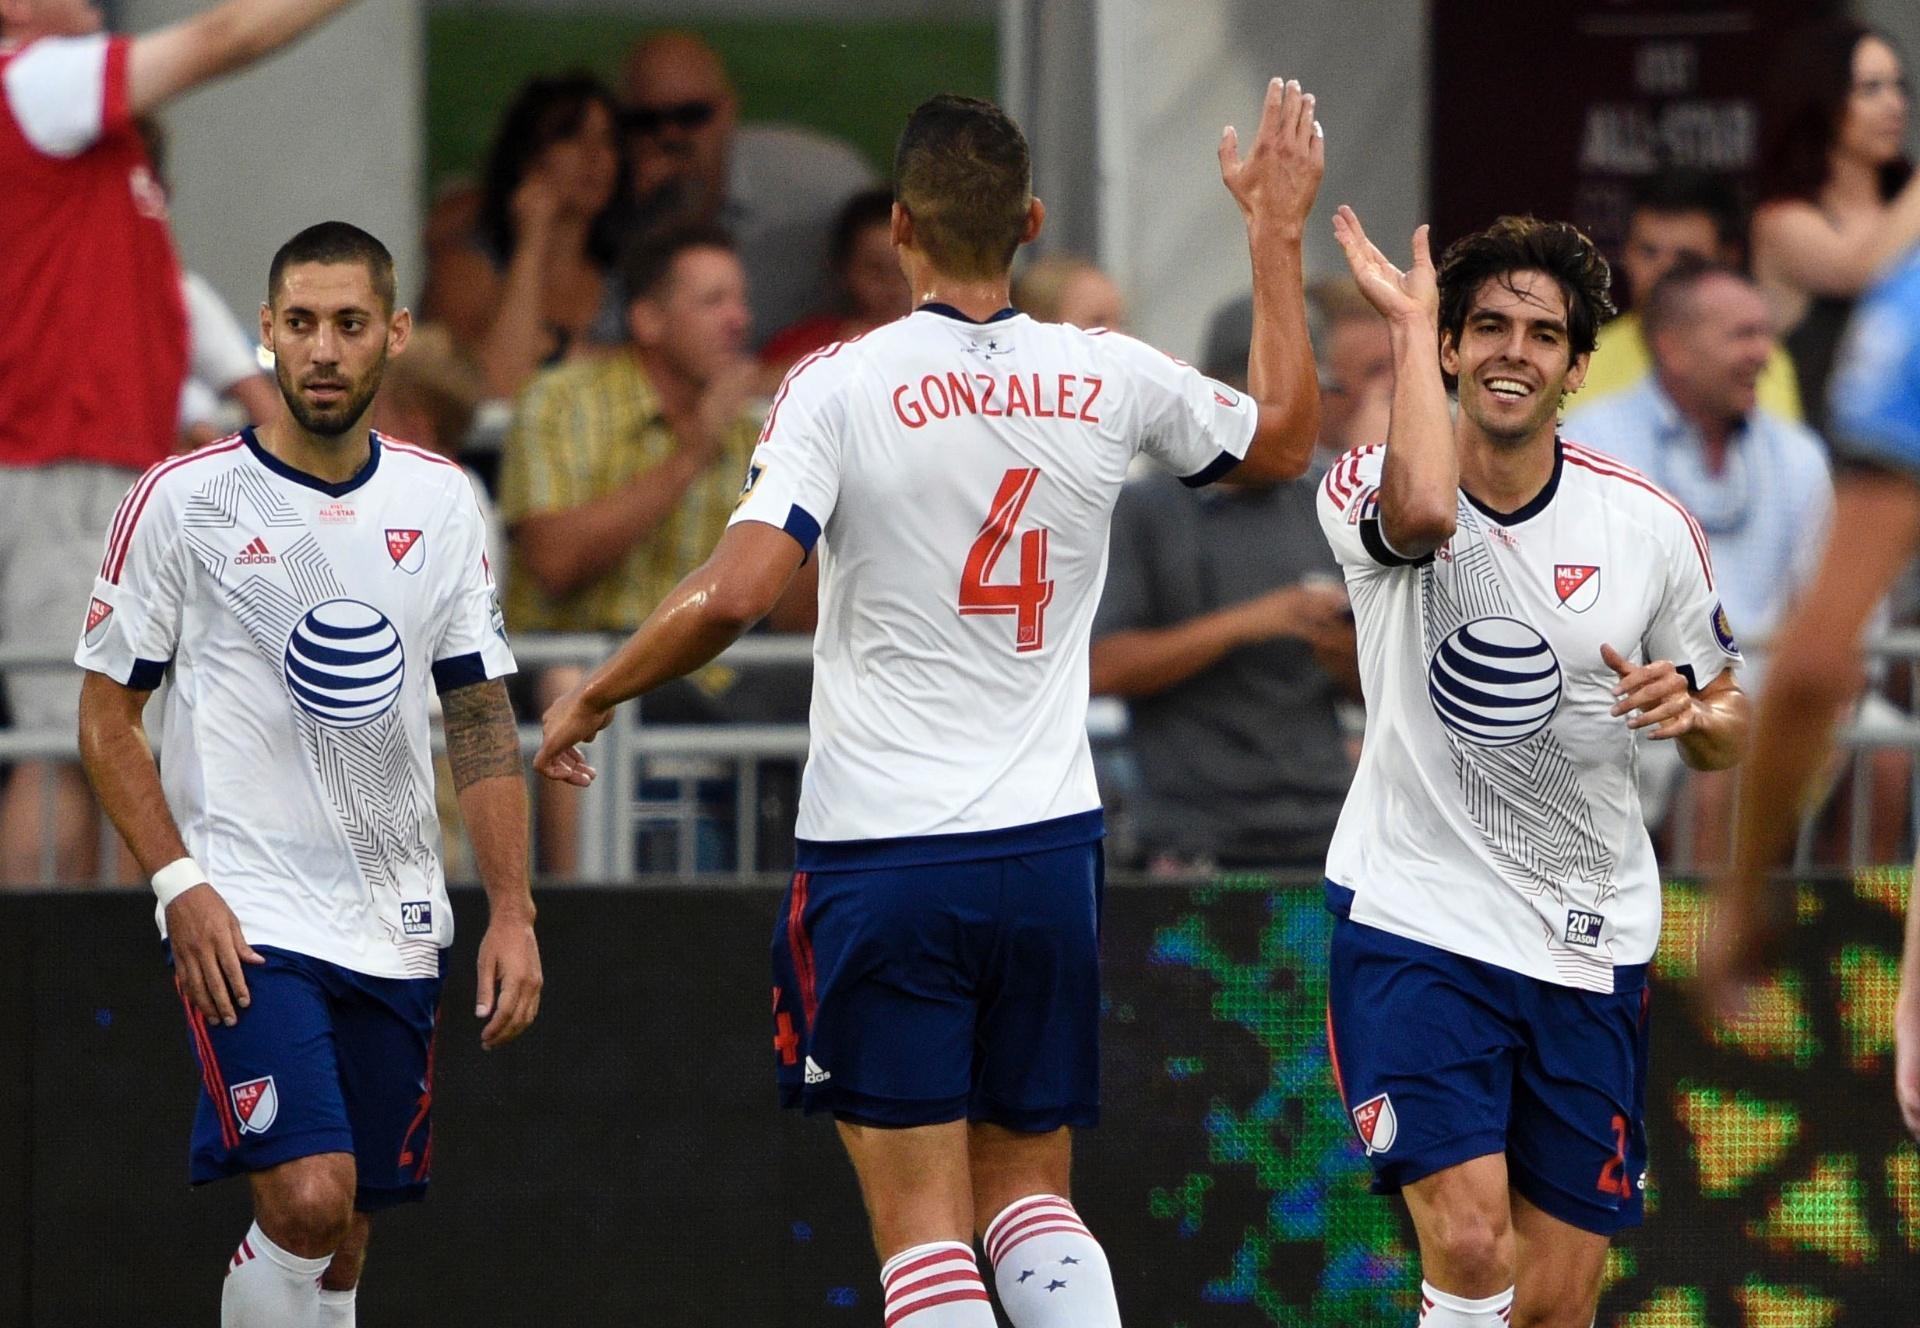 Brasileiros no mundo  Kaká supera separação e Ramires leva aula de Mourinho  - 02 08 2015 - UOL Esporte 763833ec0fb66